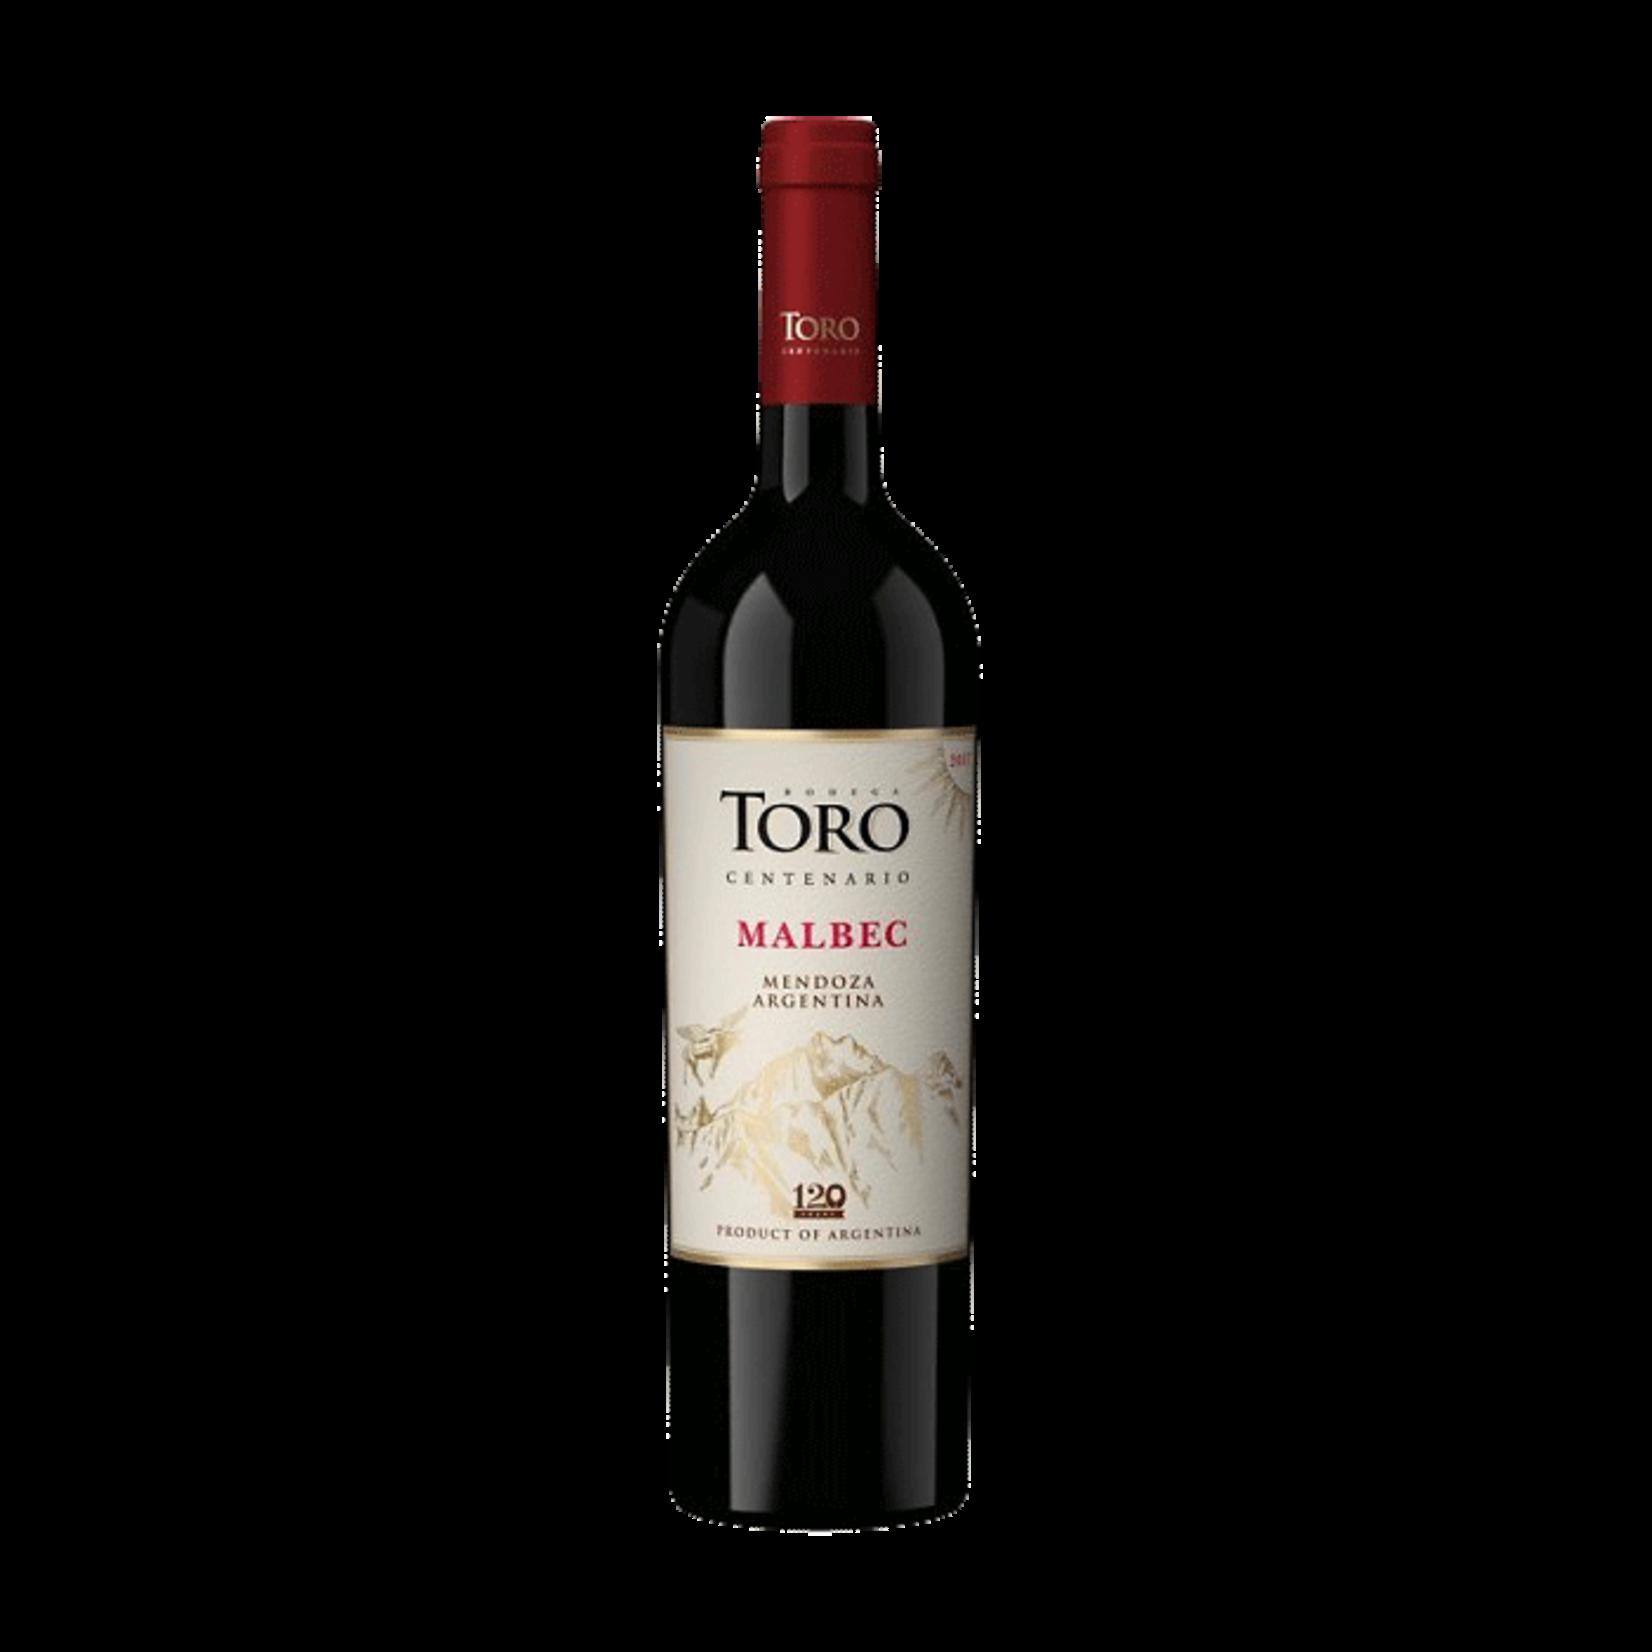 Wine Bodega Toro Centenario Malbec 2020